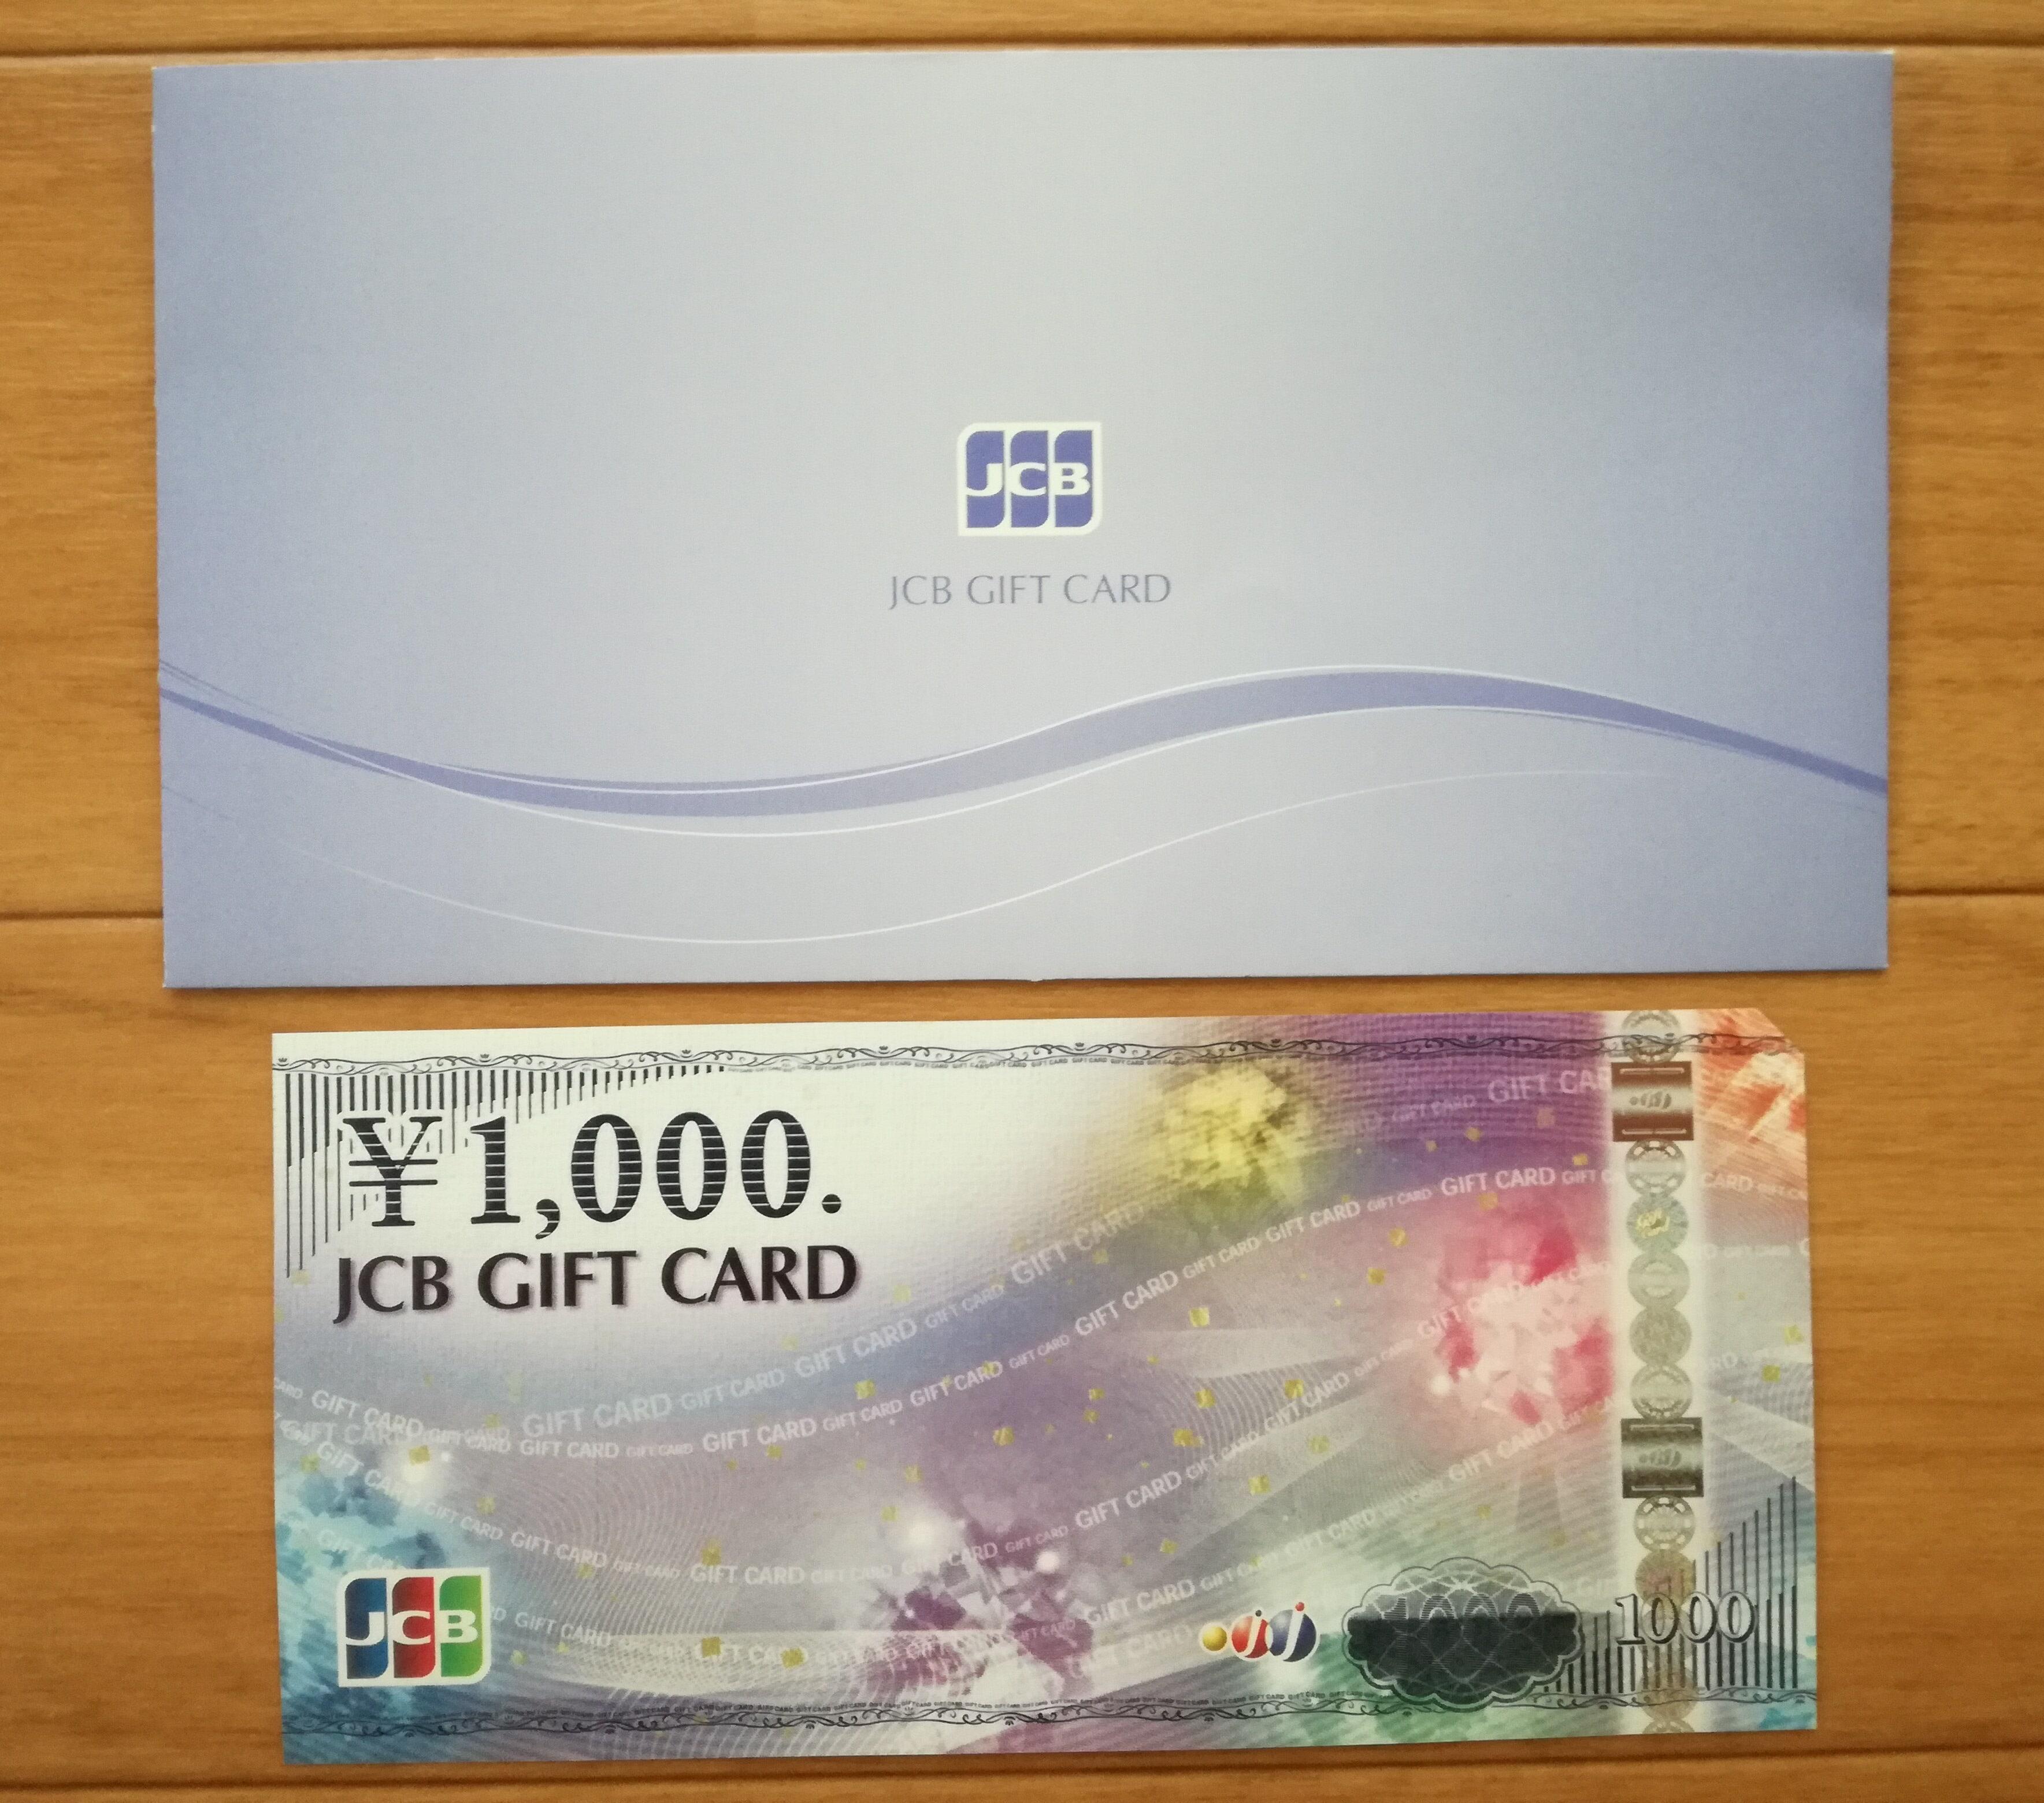 株主改悪で200株必要になった明星工業(1976)から株主優待のJCBギフトカード1,000円が到着!